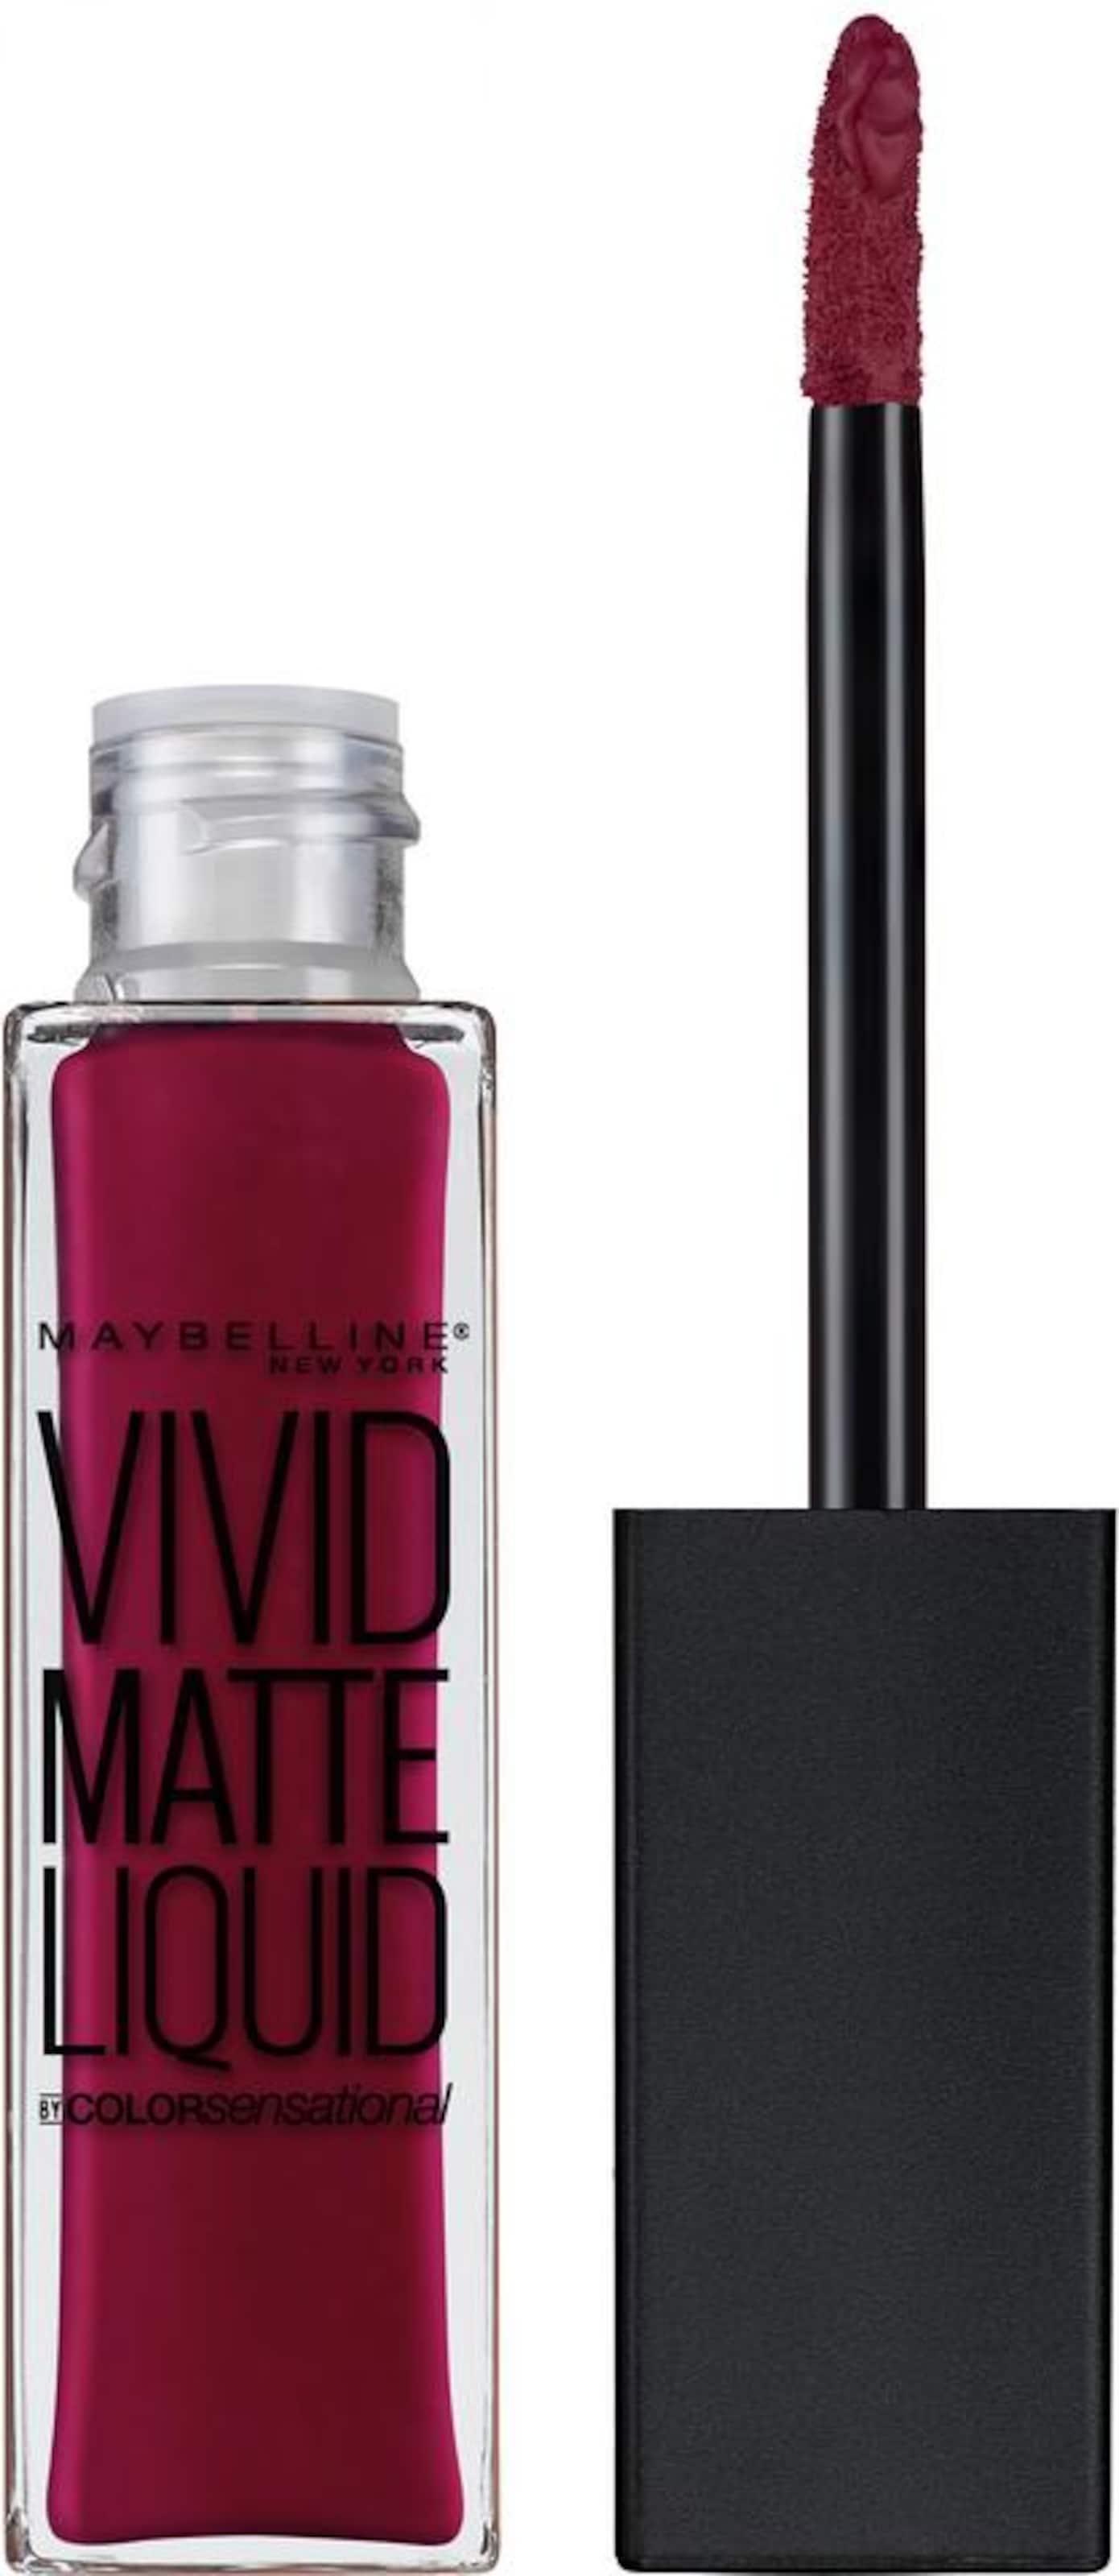 MAYBELLINE New York 'Vivid Matte Liquid' Lippenstift Verkauf Outlet-Store Gf7Rrca